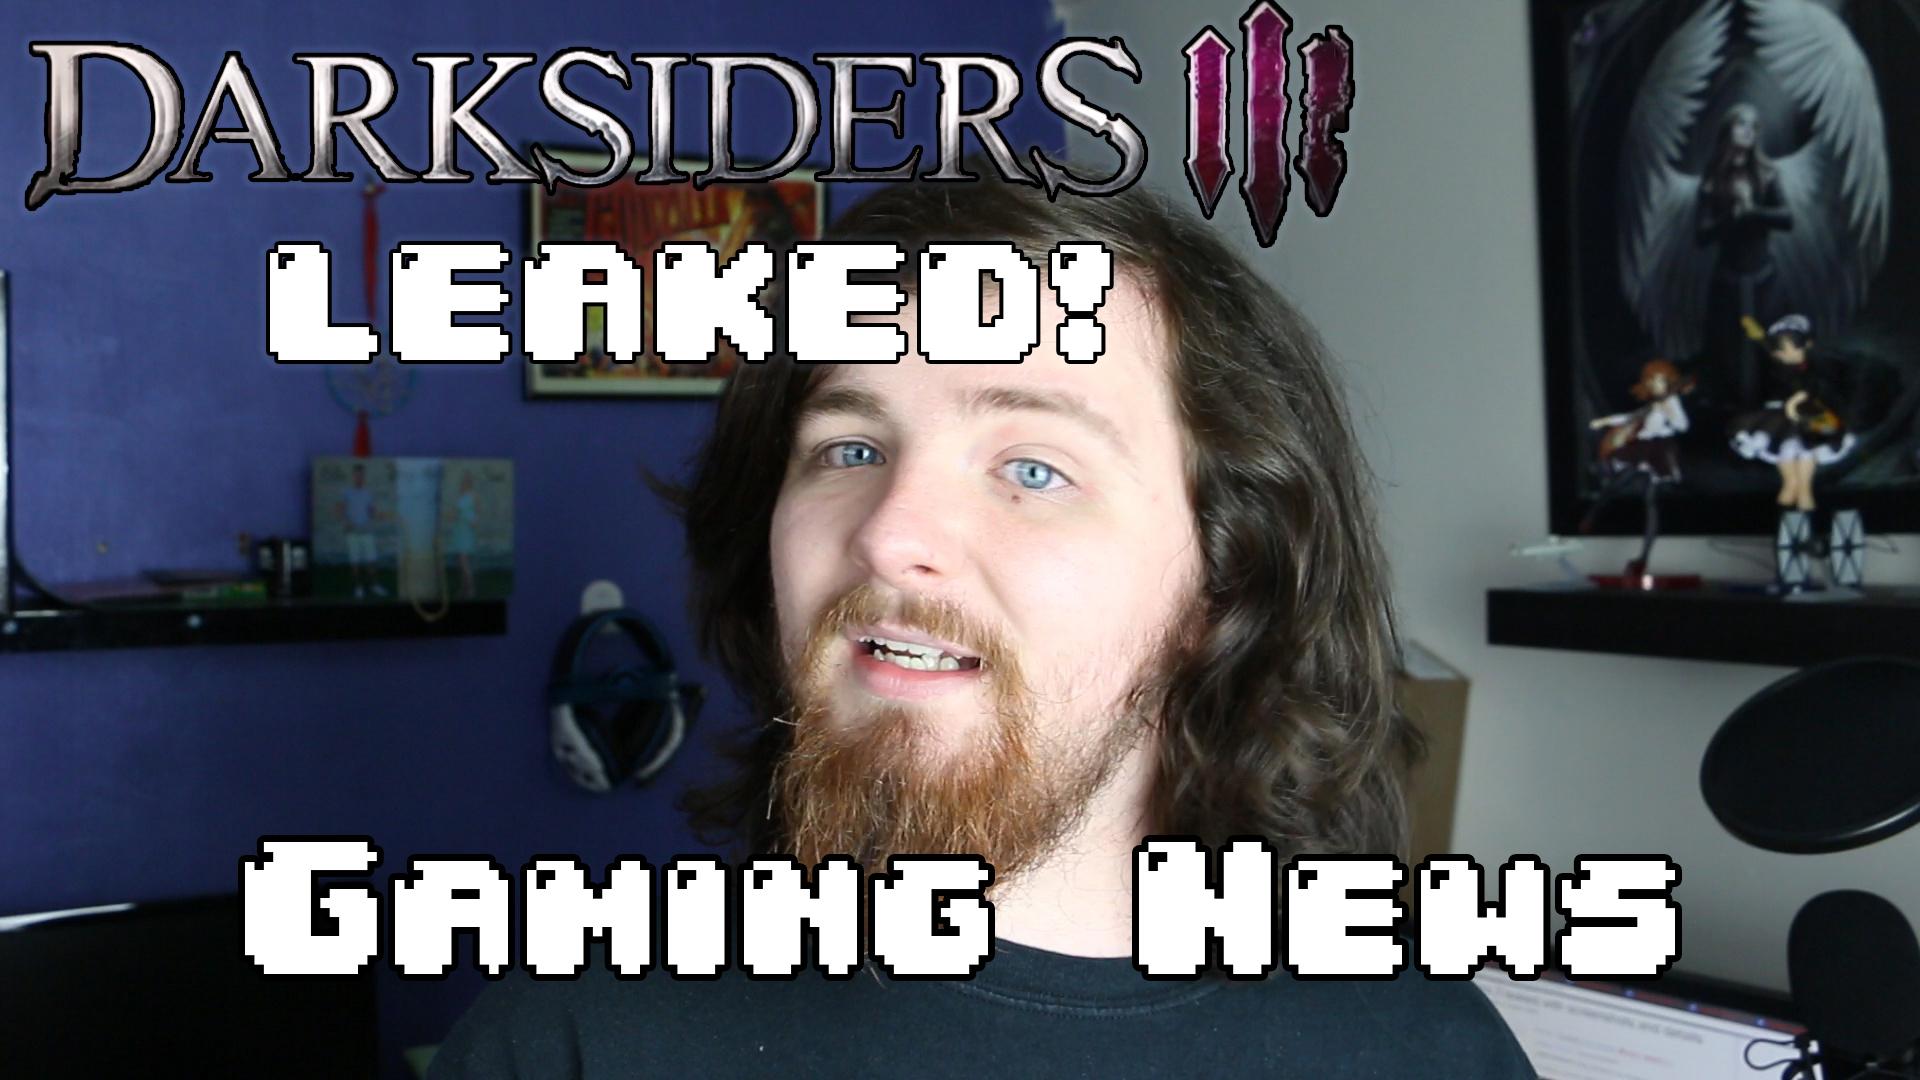 Darksiders 3 Leaked! | Gaming News